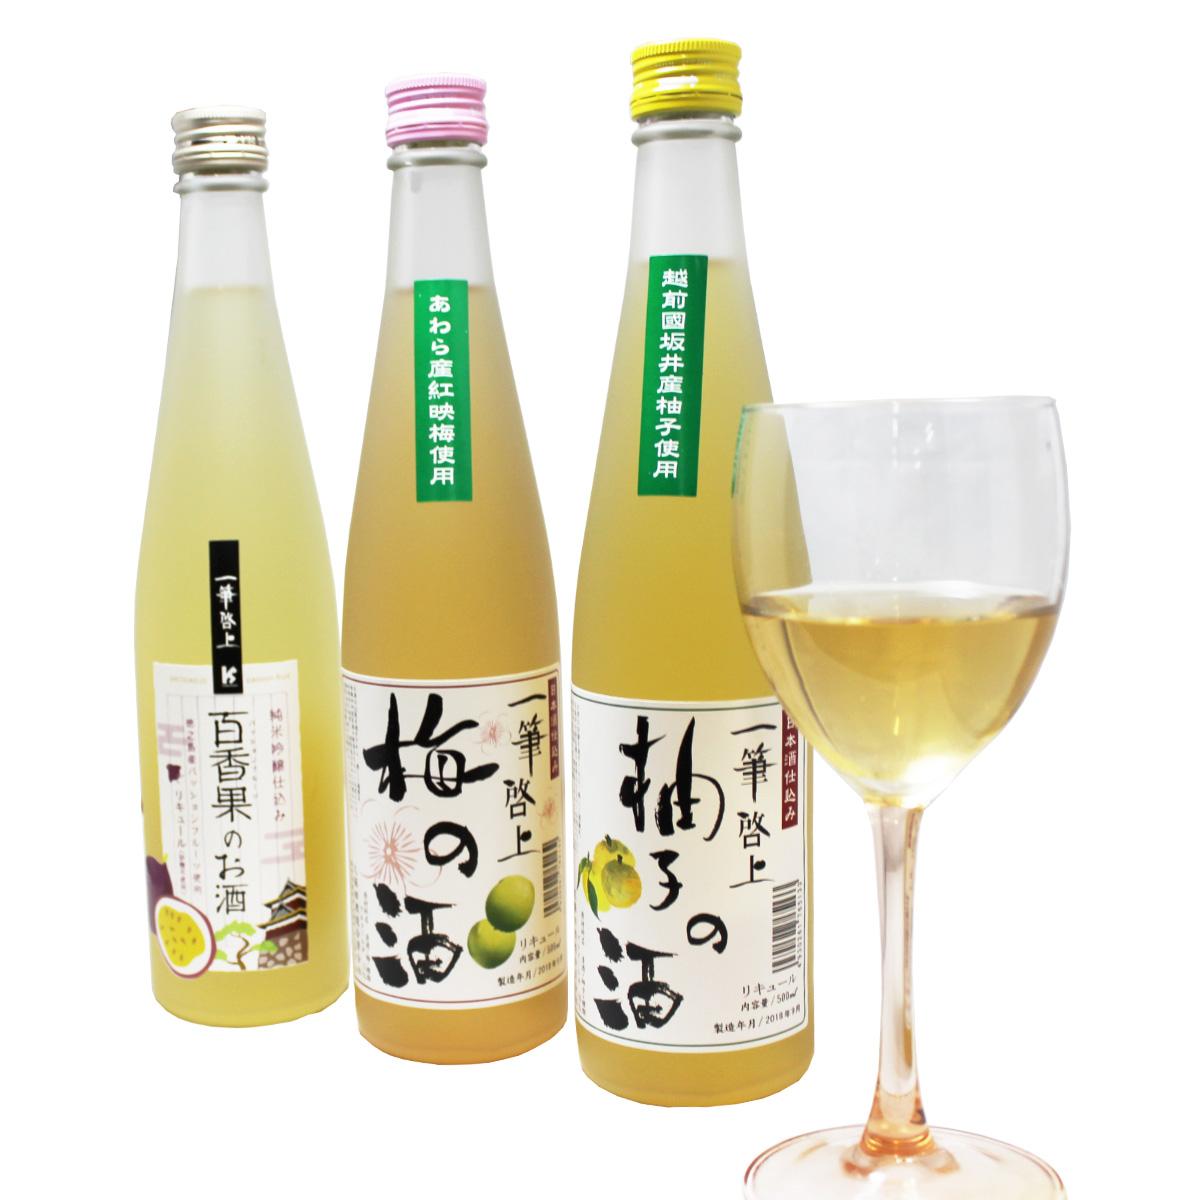 久保田酒造 リキュールセット〔パッションフルーツ酒500ml・梅酒500ml・柚子酒500ml×各1〕